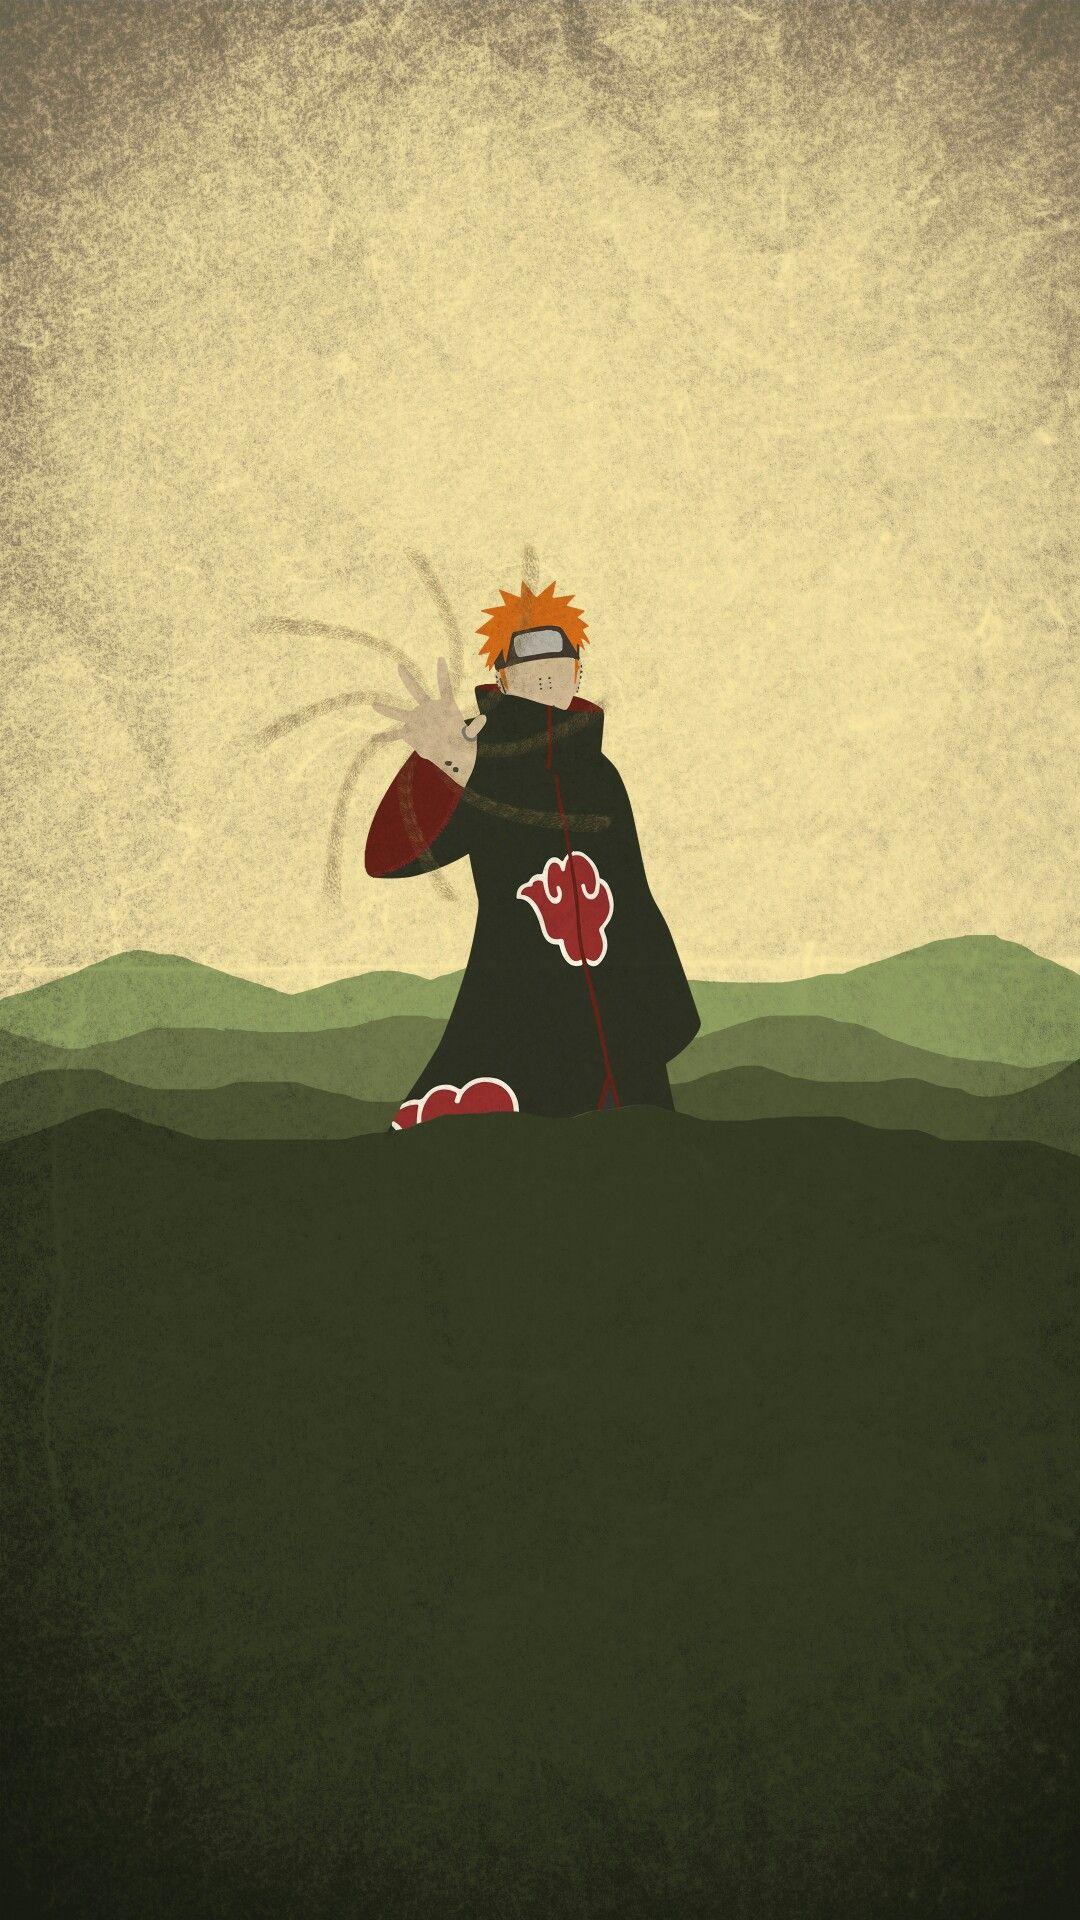 Download Wallpaper Naruto Art - d390d06c44a9d80b2bc86b92c008cb4e  Pic_932773.jpg